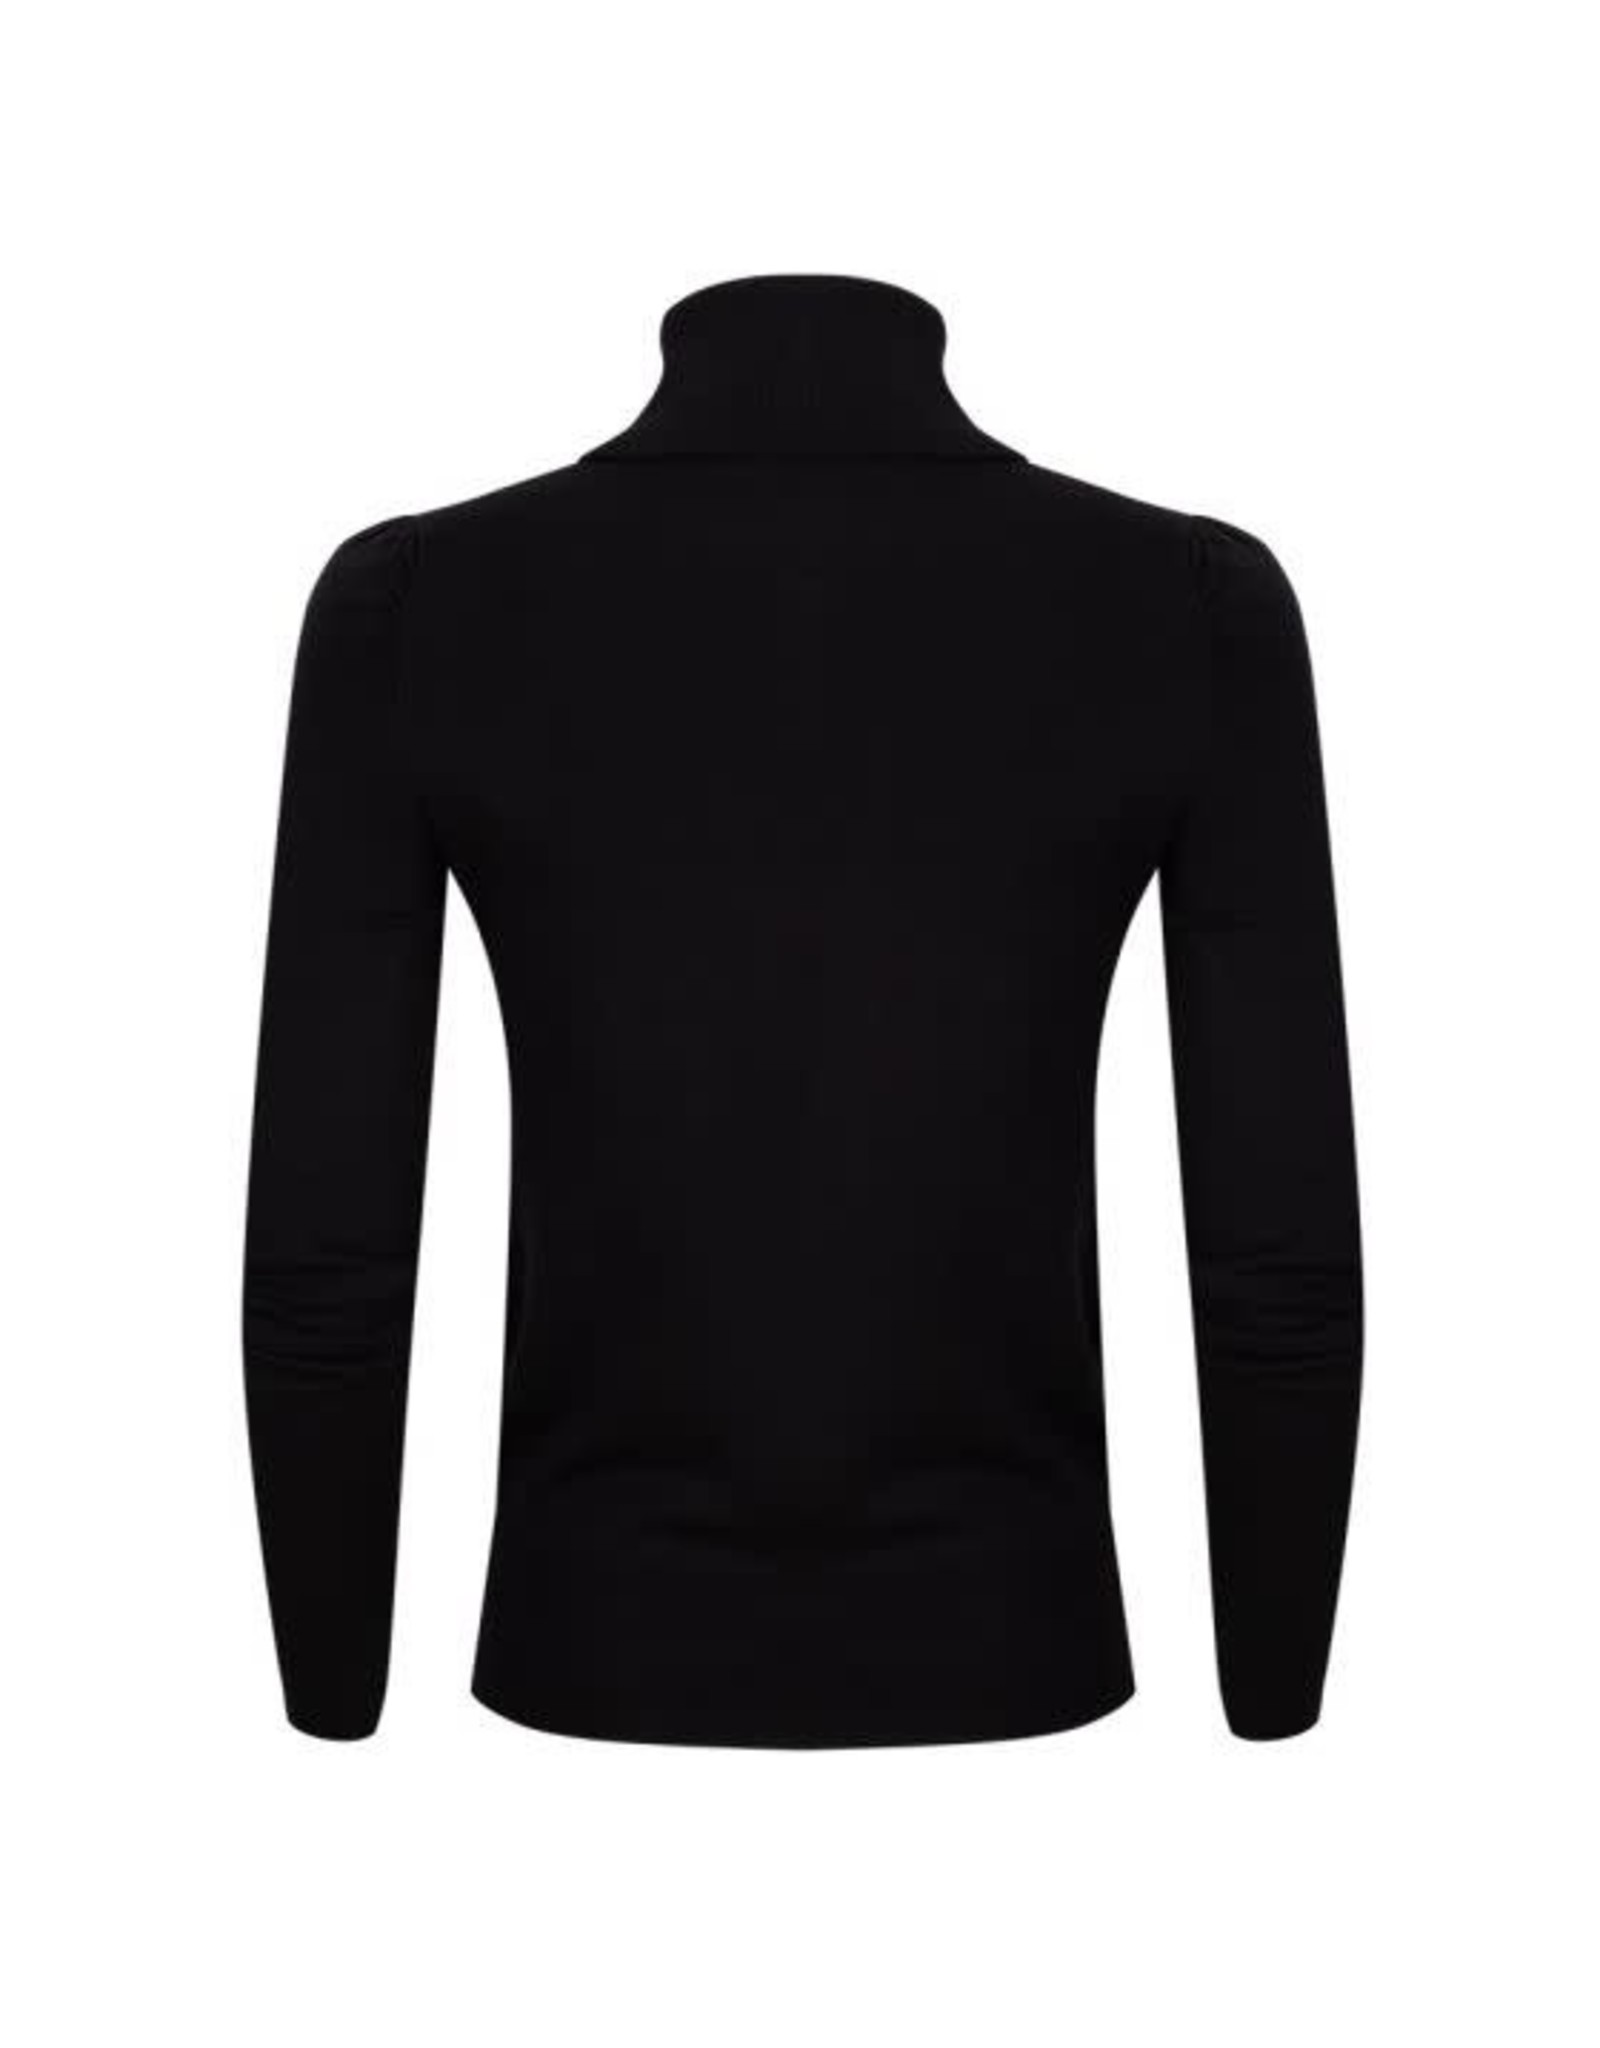 EsQualo EsQualo - Sweater with gathering sleeves (black)